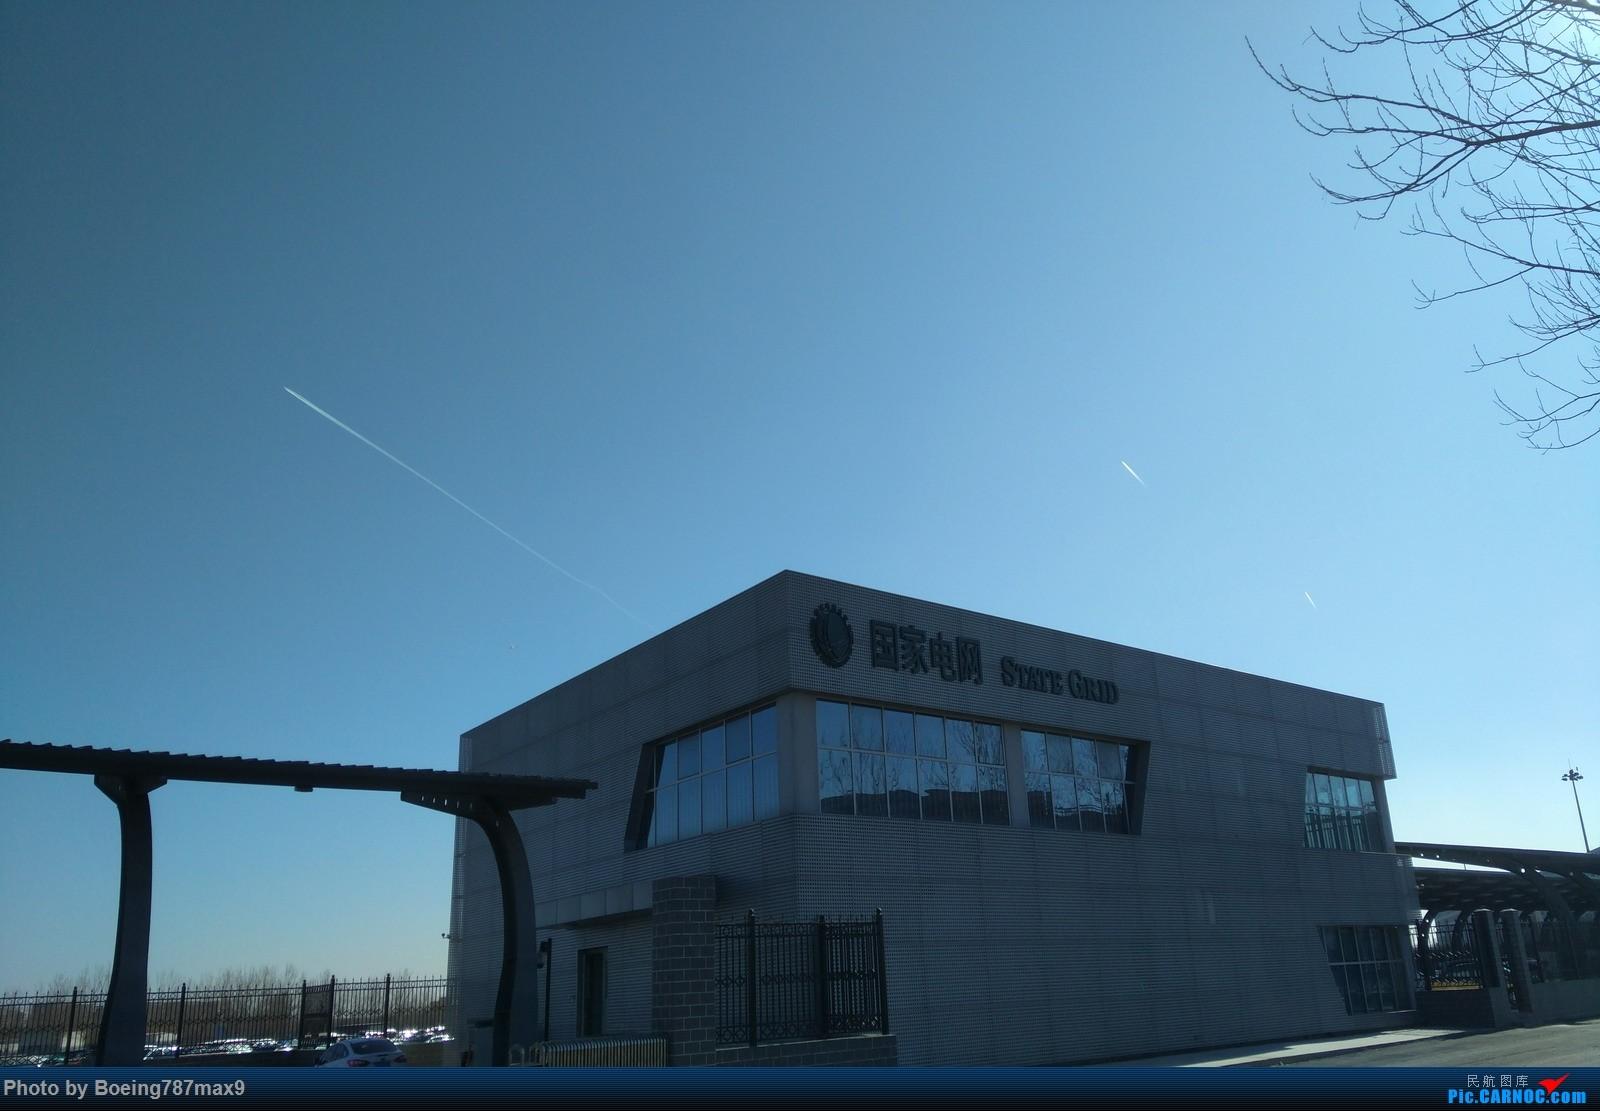 Re:[原创]【PEK】今日东停车场蹲点,好货一堆。KLM744、DELTA763、国航星空332、国航748、最重要的是朝鲜的图204、还有国航中法50年77W、汉莎346    中国北京首都国际机场